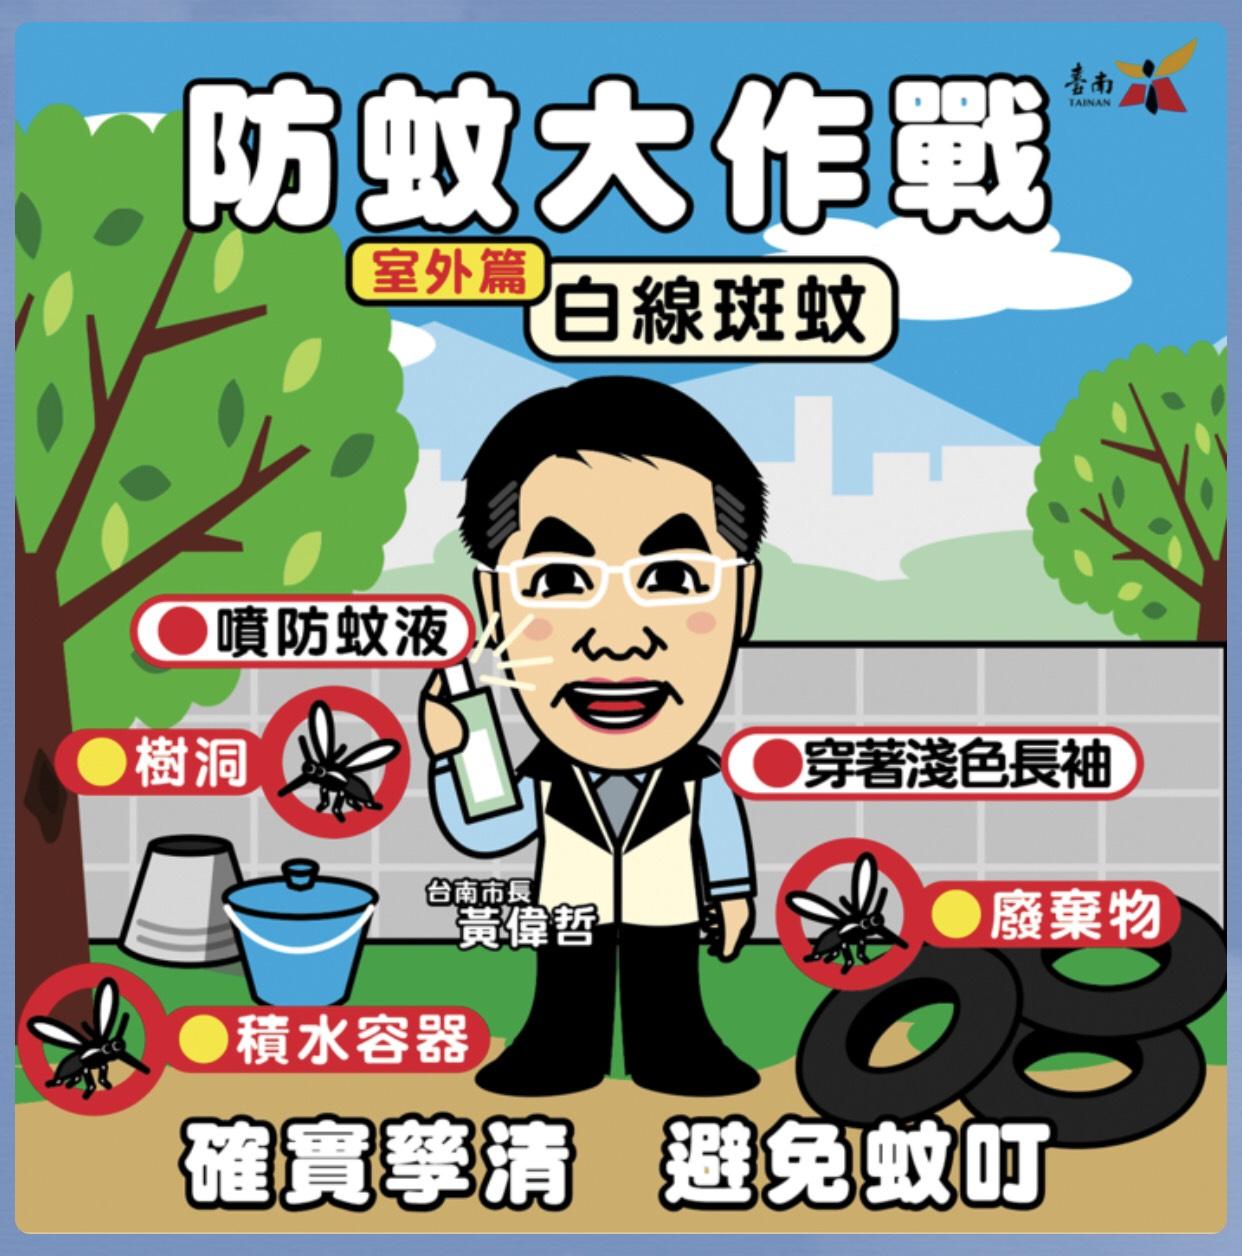 防蚊大作戰-室外篇